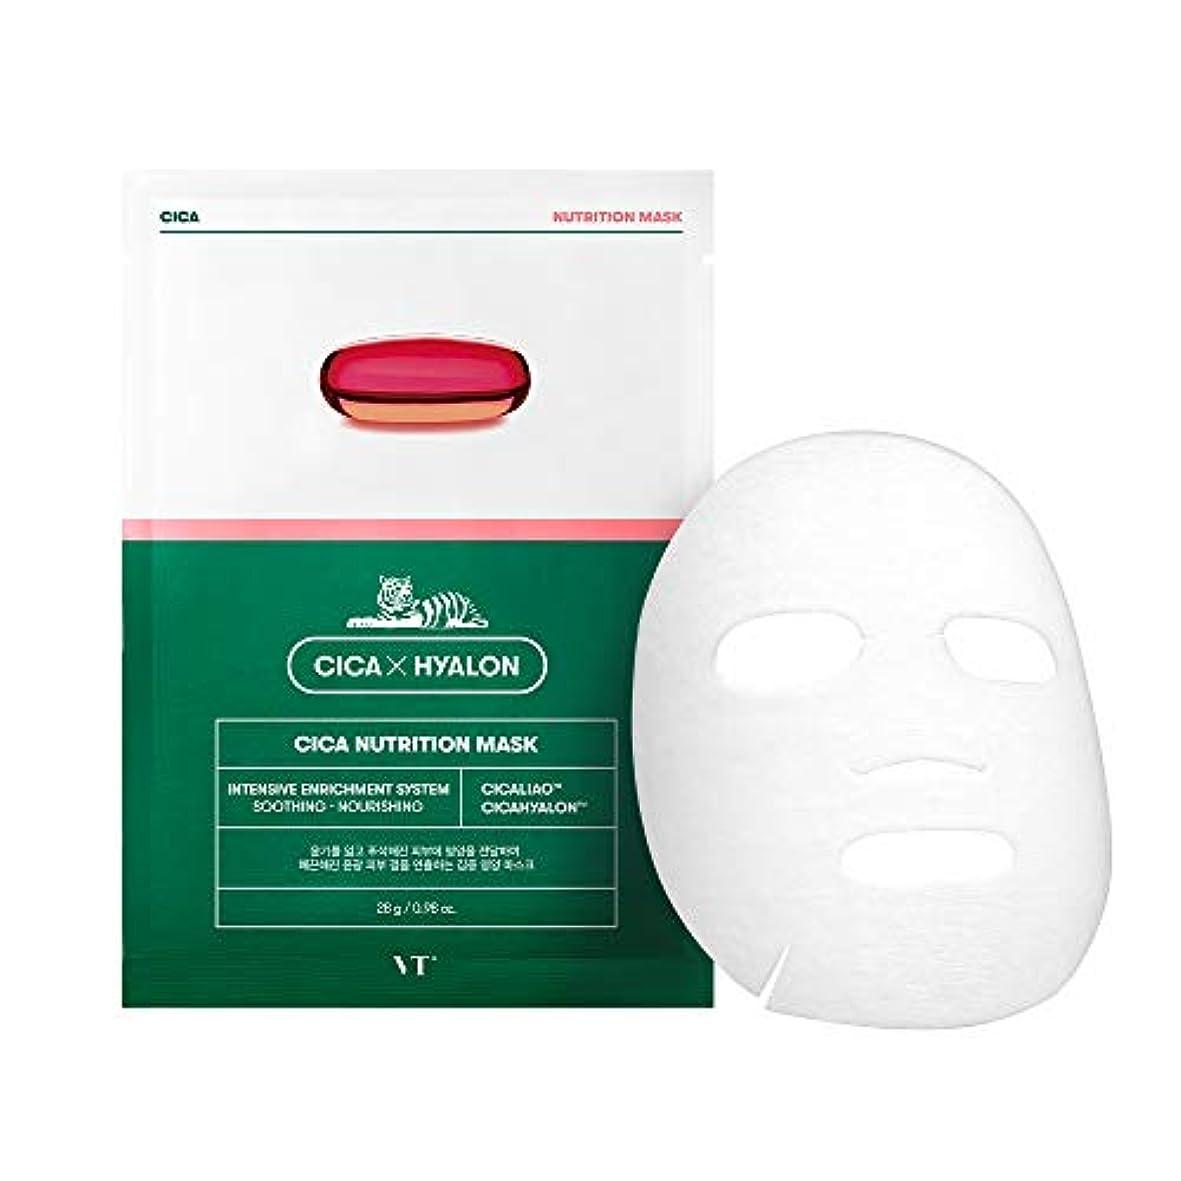 スライム掻く生き残りVT CicaxHyalon Cica栄養マスク28gx6P 韓国の有名化粧品ブランドの人気マスクパック水分補給肌の保湿スキンケア